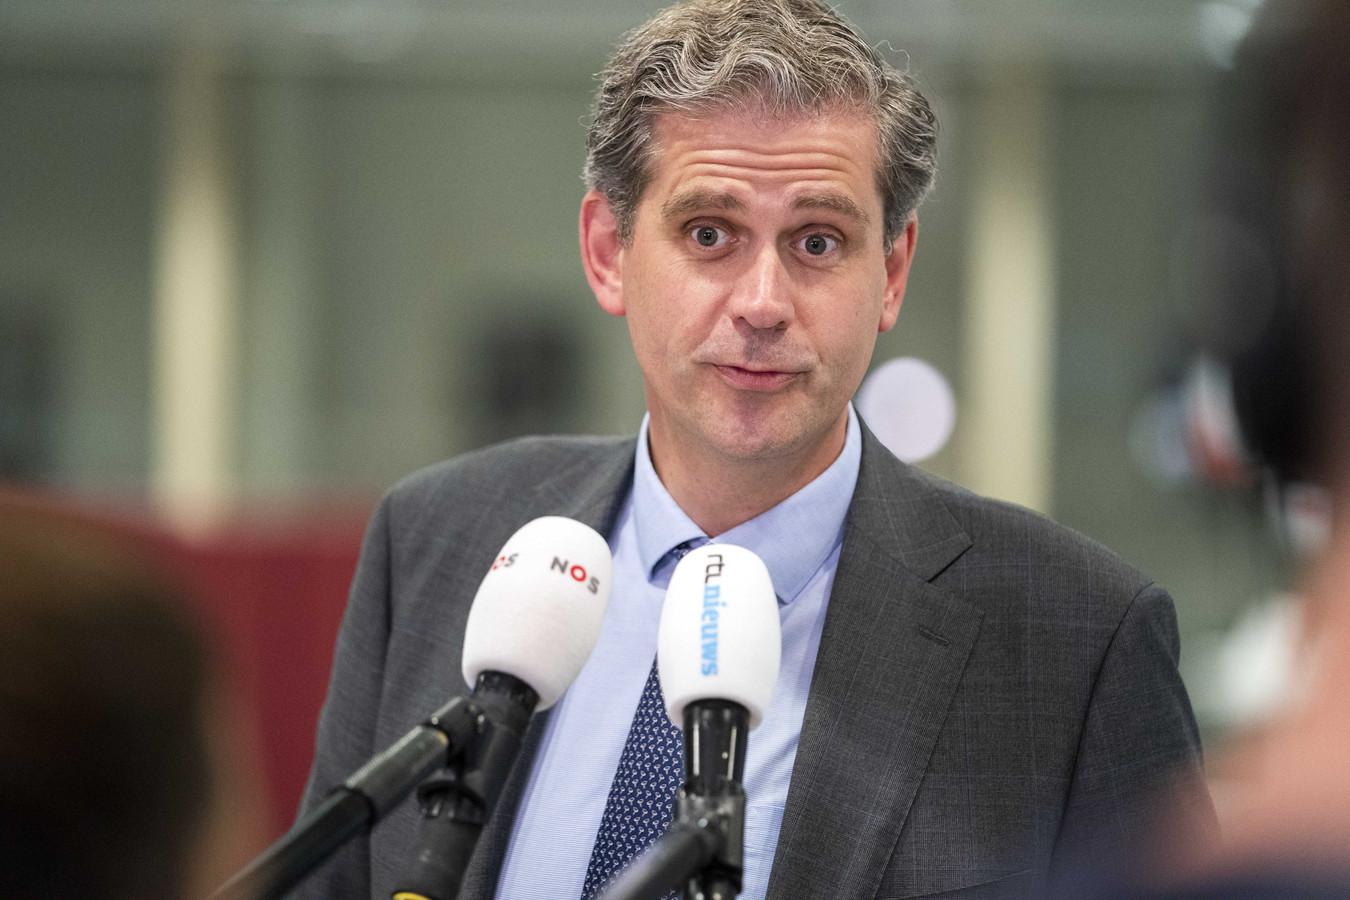 Burgemeester Wouter Kolff van Dordrecht arriveert voor het Veiligheidsberaad.